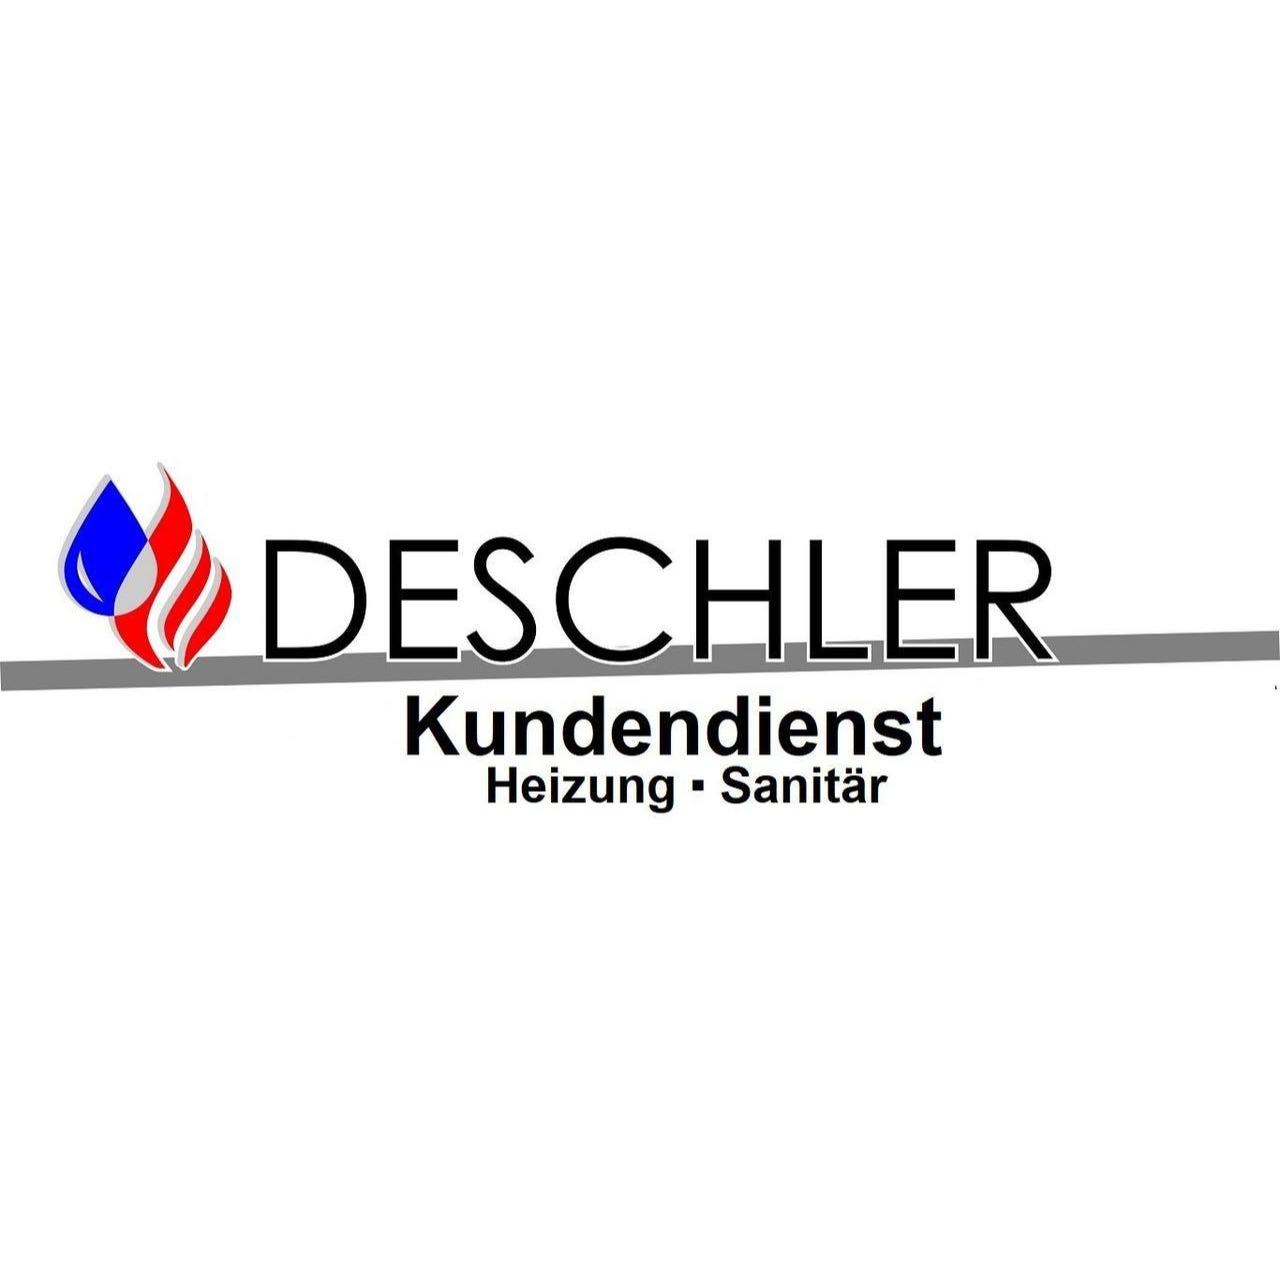 Bild zu Lukas Deschler - Kundendienst für Heizung & Sanitär in Frickenhausen in Württemberg